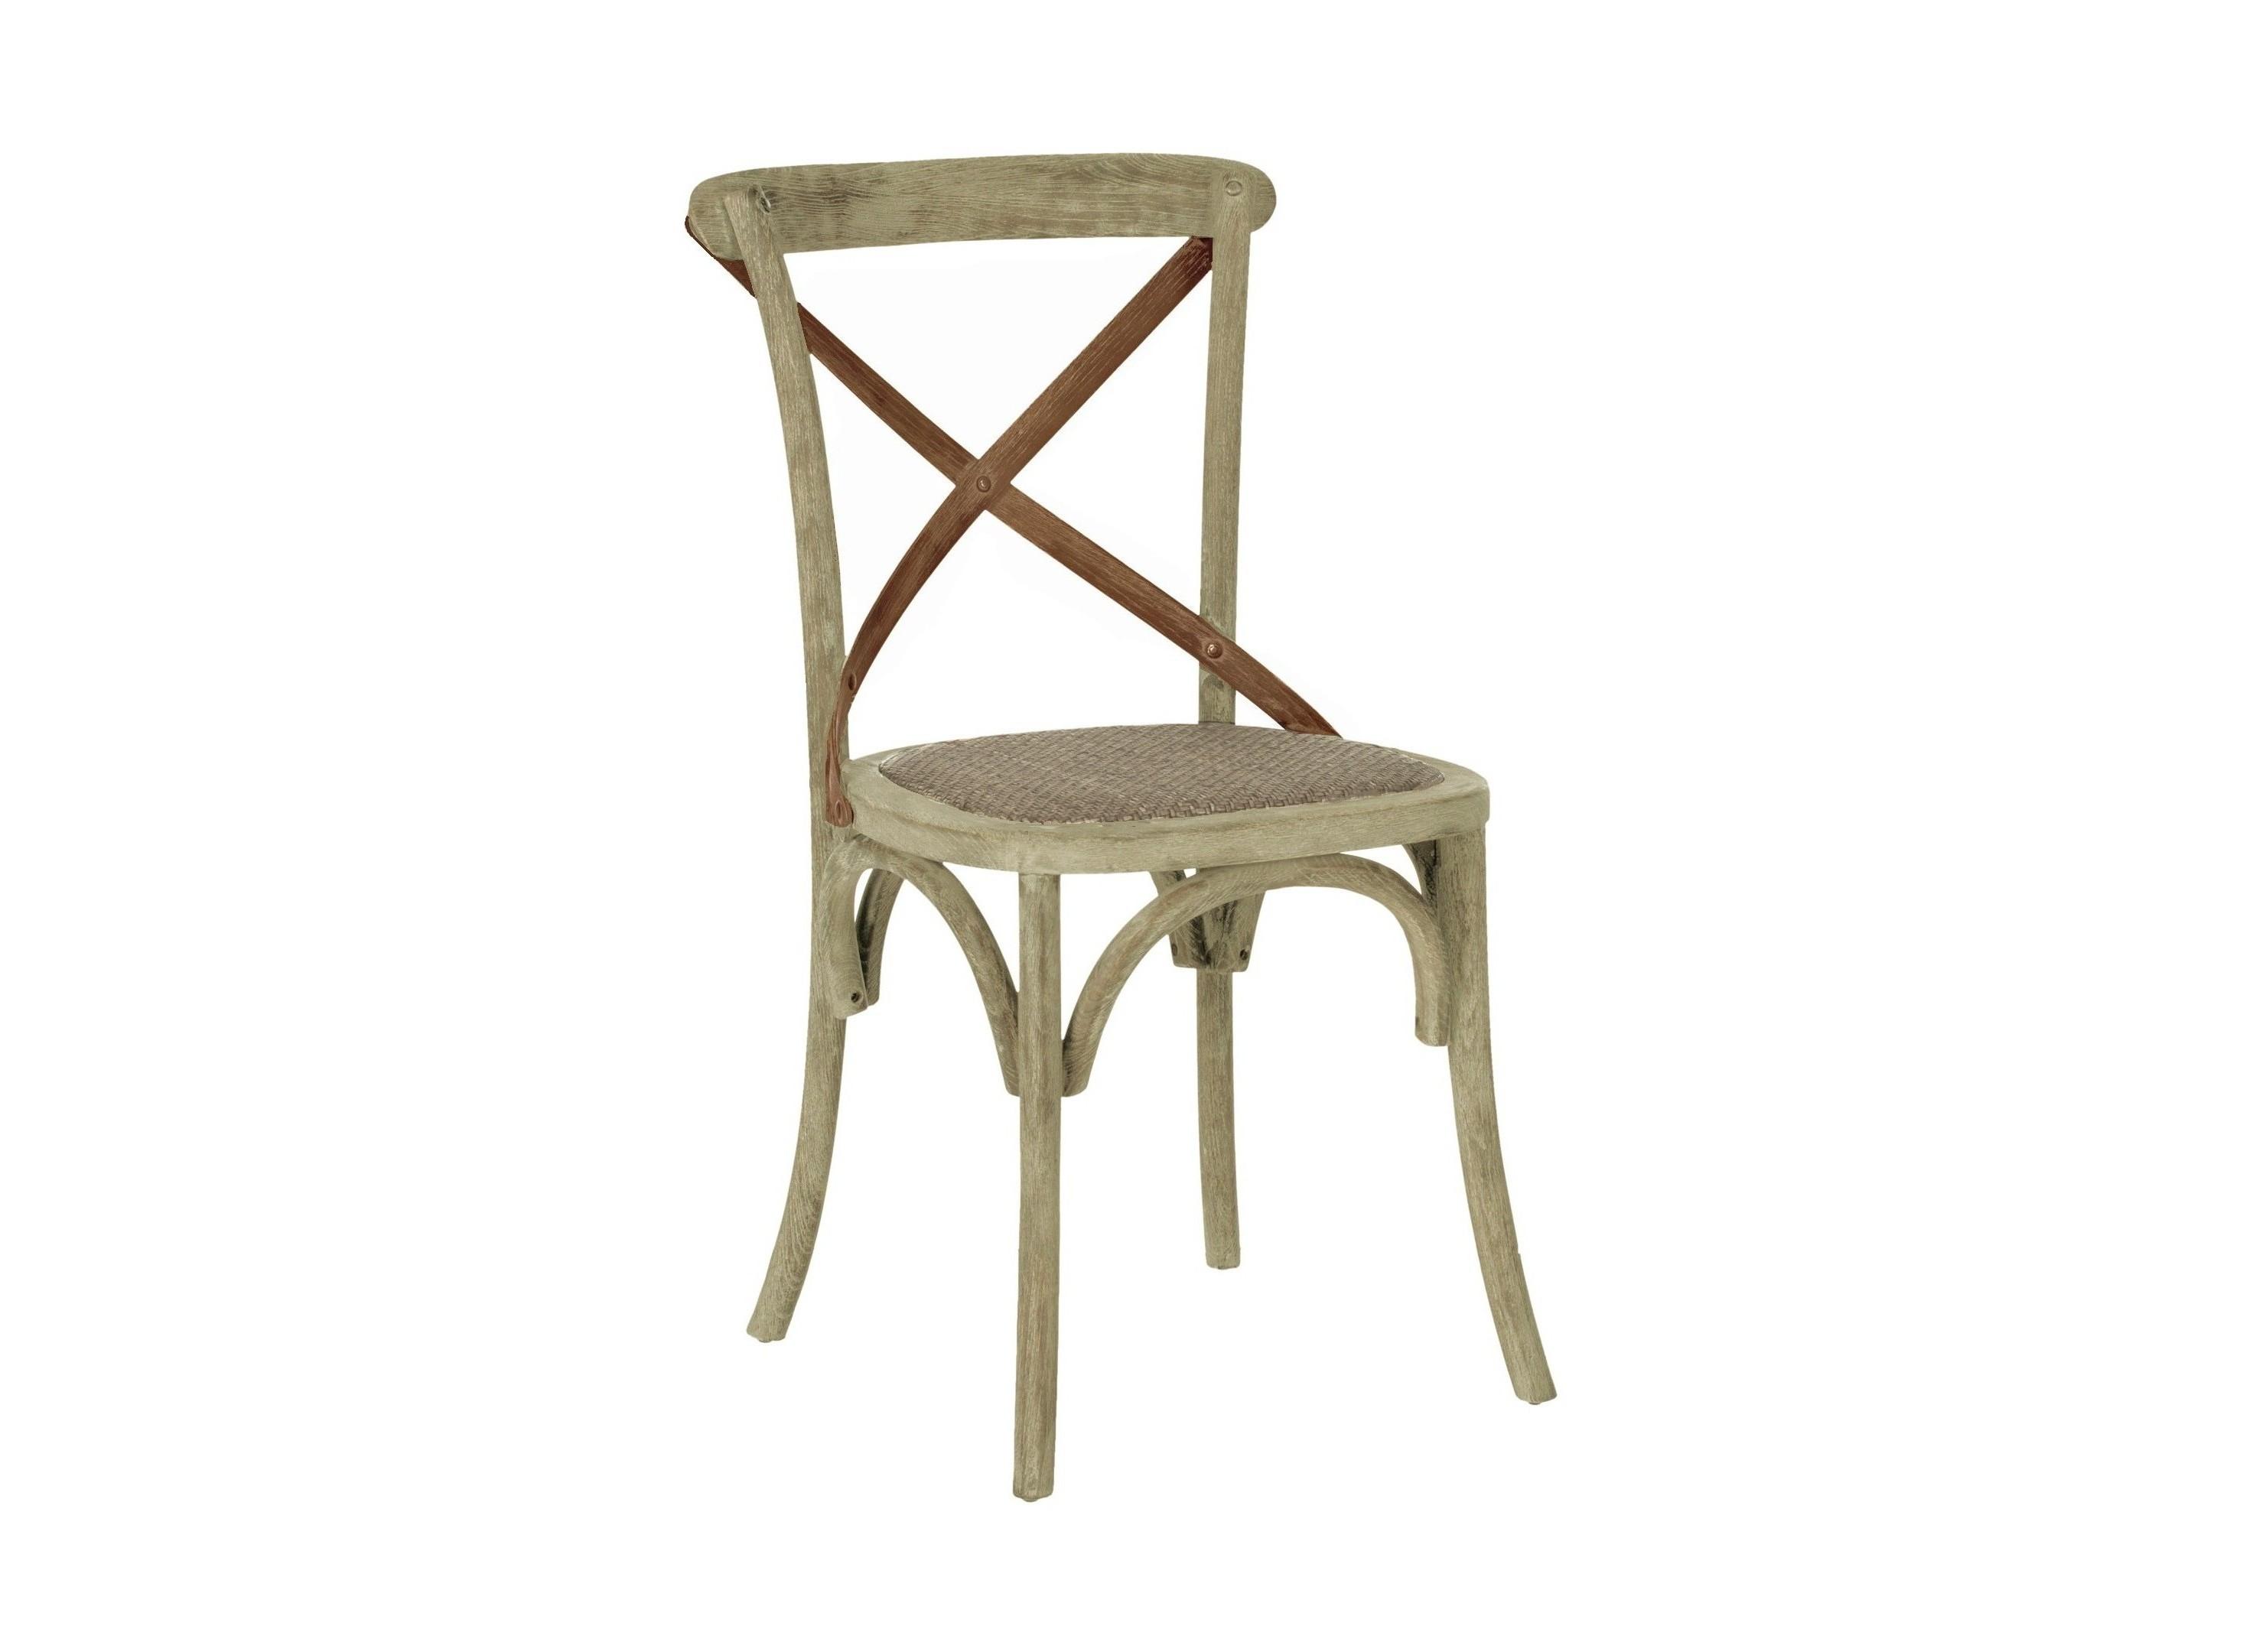 Стул AbadОбеденные стулья<br>Стул ABAD с медной крестообразной спинкой.<br><br>Material: Дерево<br>Ширина см: 46<br>Высота см: 92<br>Глубина см: 42